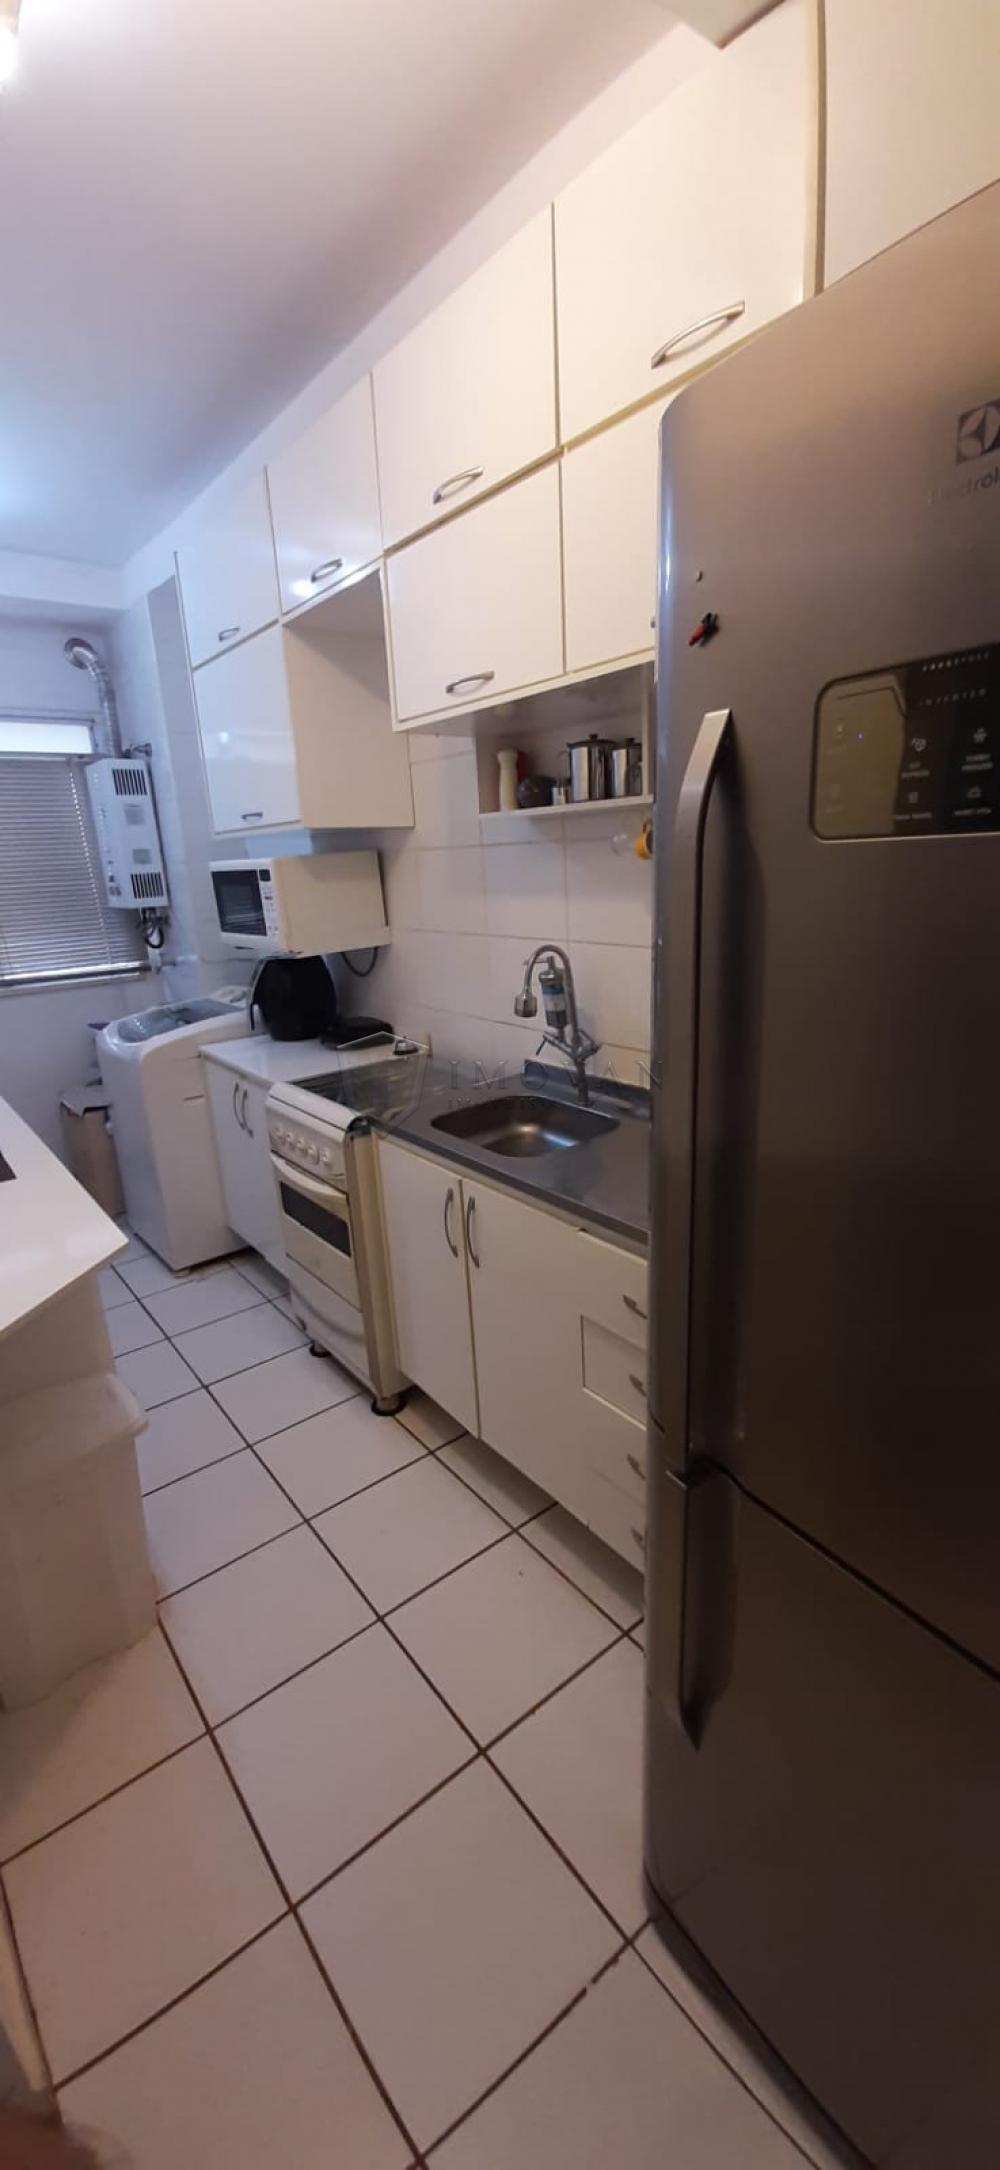 Comprar Apartamento / Padrão em Ribeirão Preto R$ 255.000,00 - Foto 11